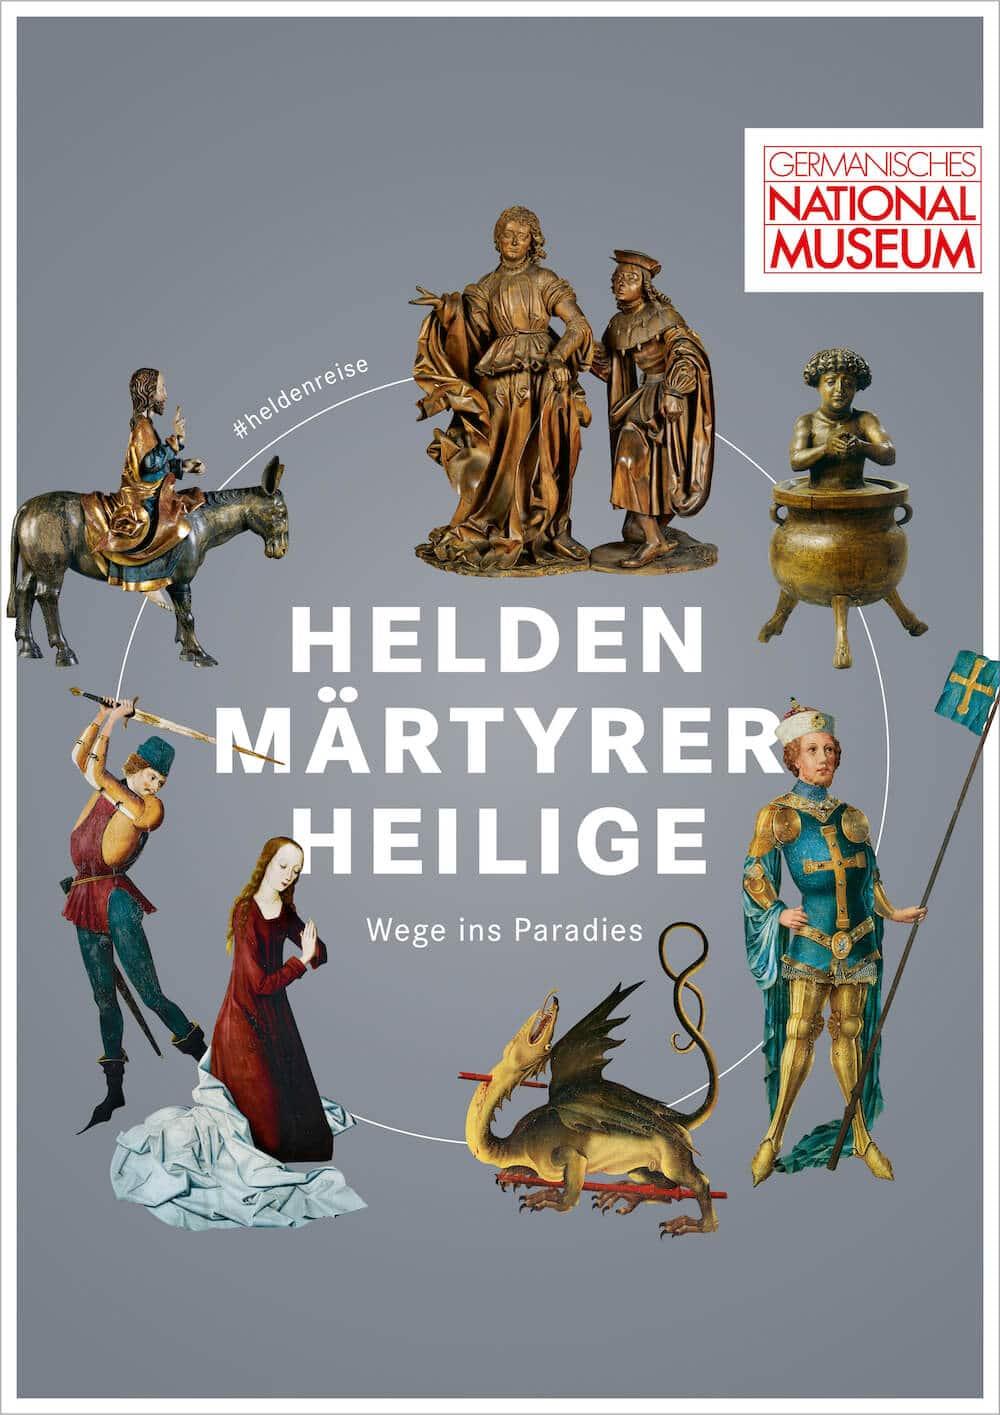 Helden, Märtyrer, Heilige. Wege ins Paradies, 11.04.2019 – 4.10.2020, © GNM